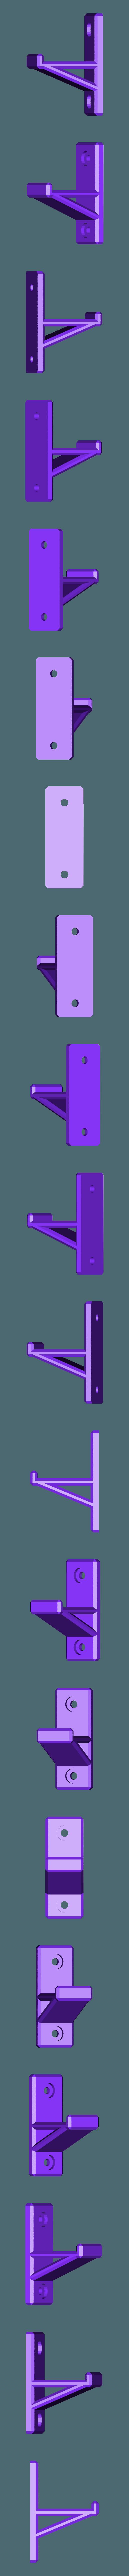 Ladder_Holder.stl Télécharger fichier STL gratuit Support mural pour échelle • Objet pour imprimante 3D, da_syggy